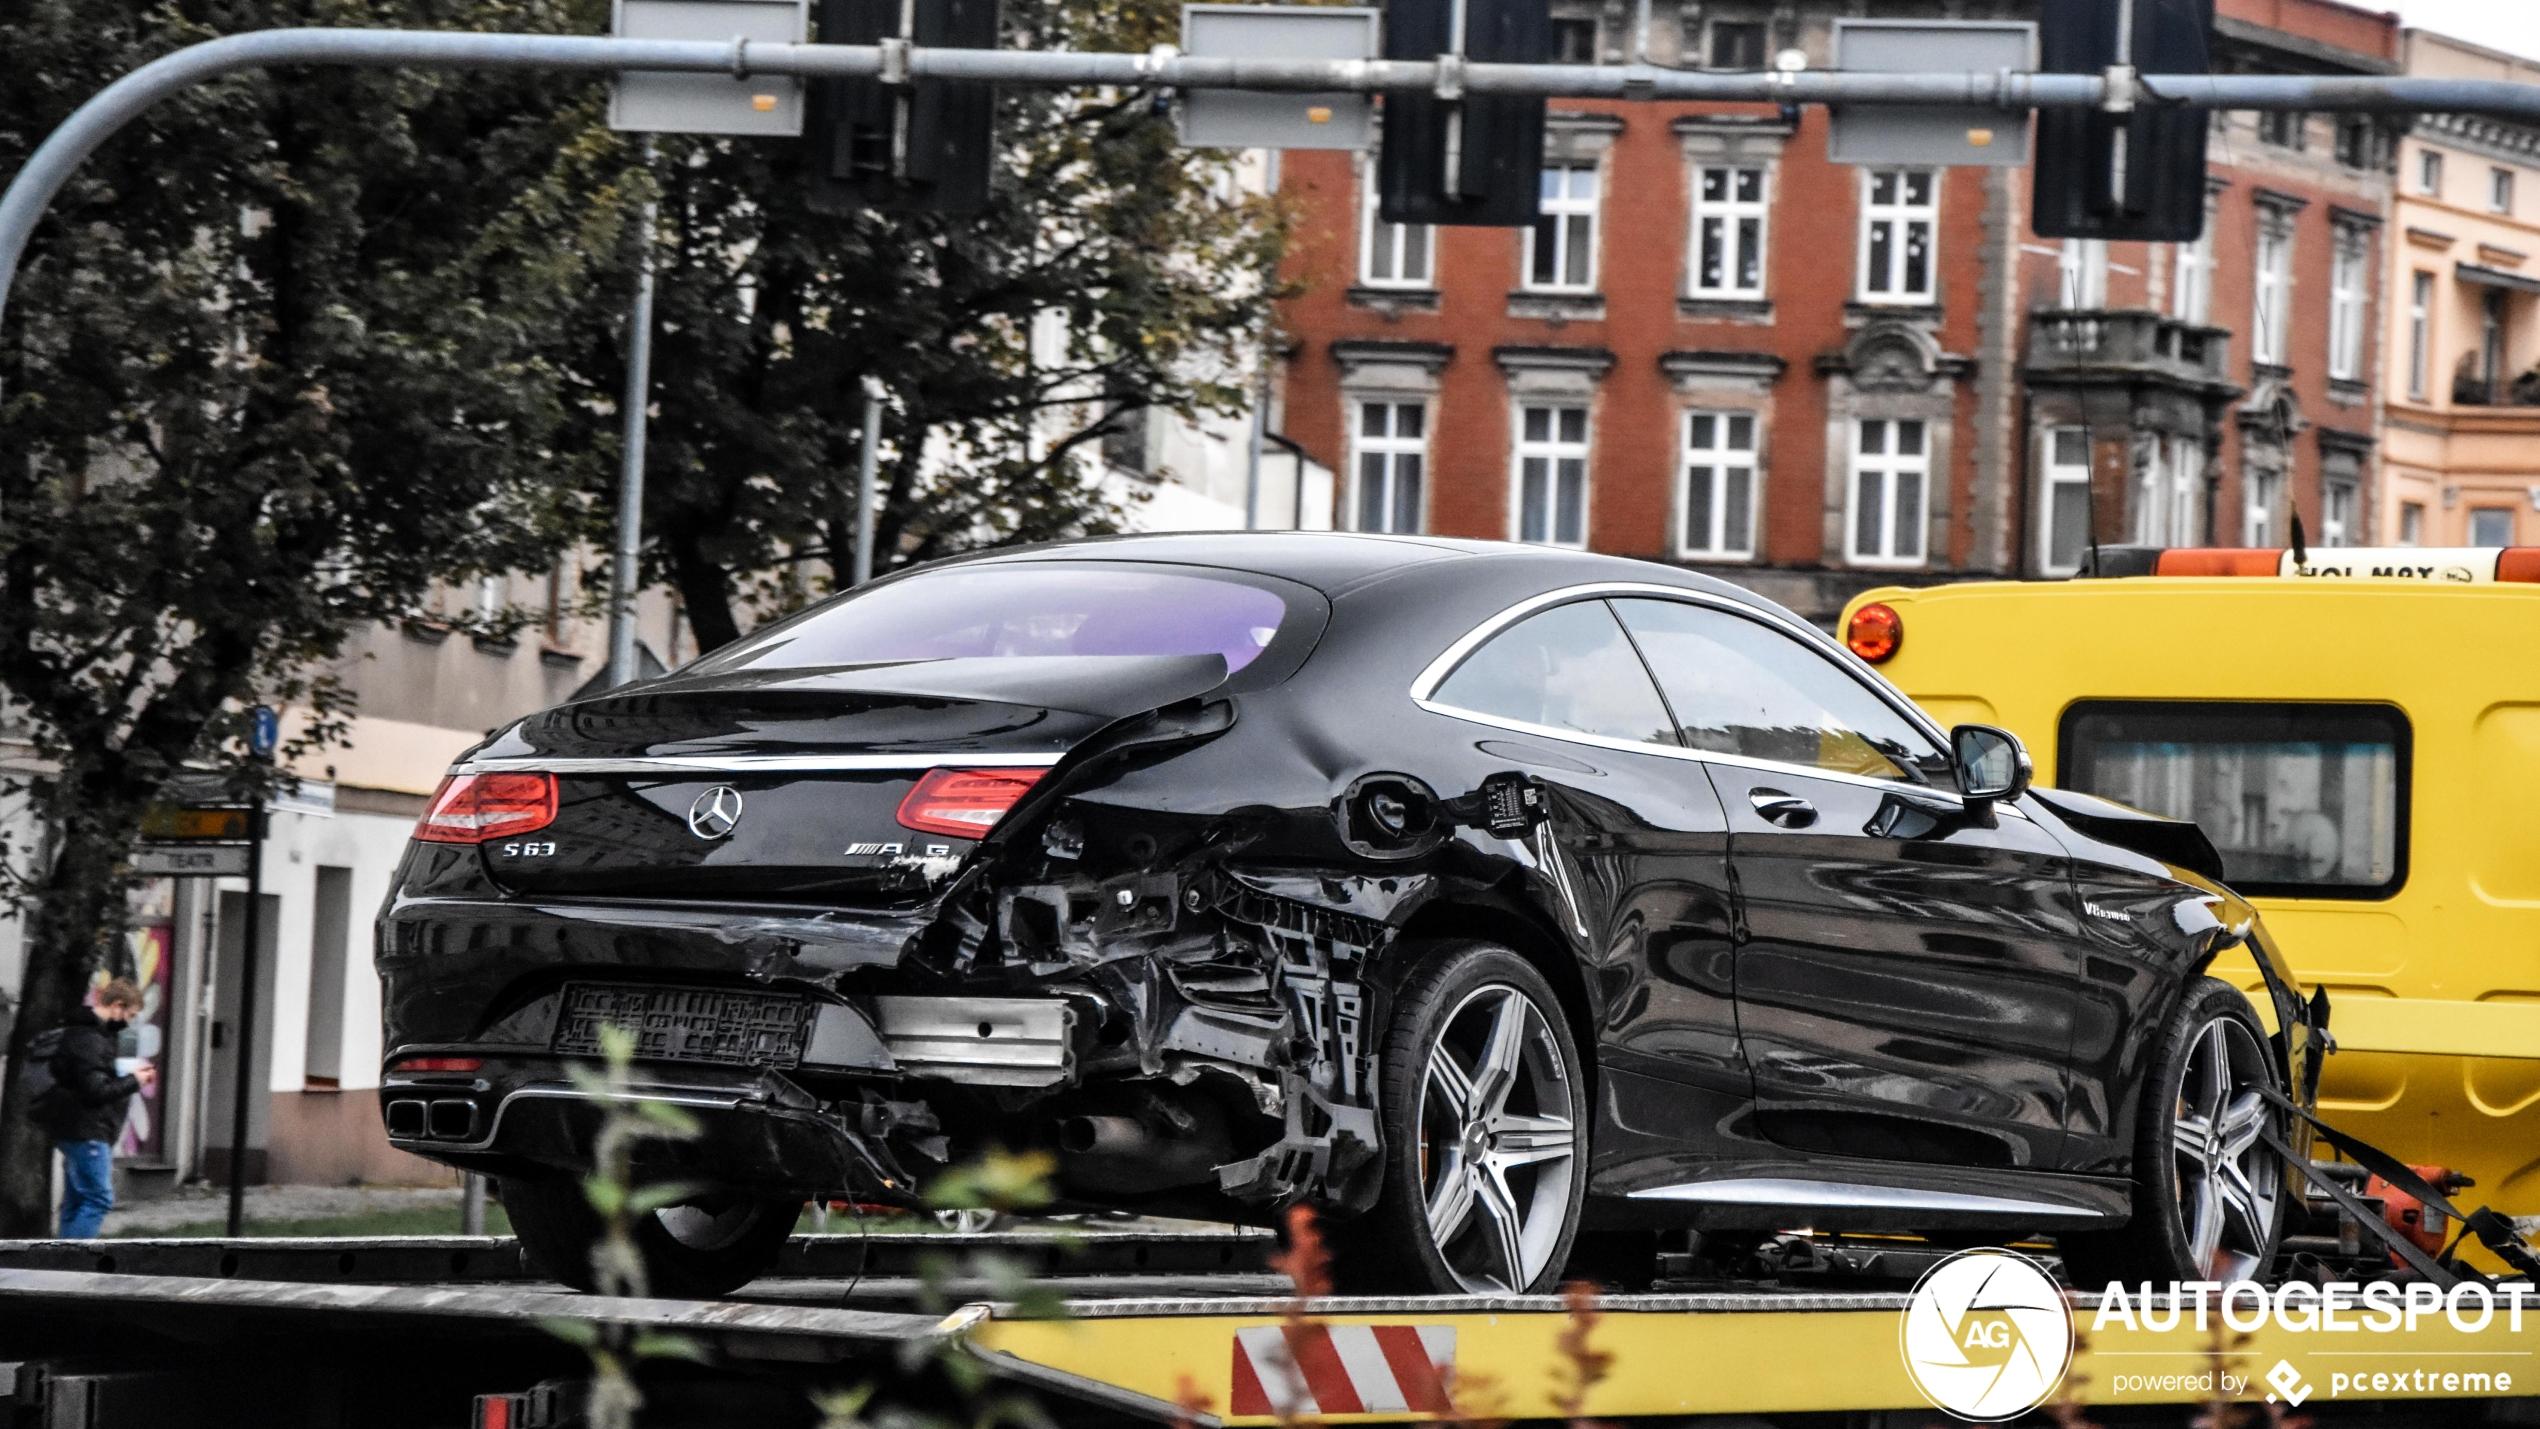 Ouch, Mercedes-AMG S 63 Coupé zal even niet meer rijden